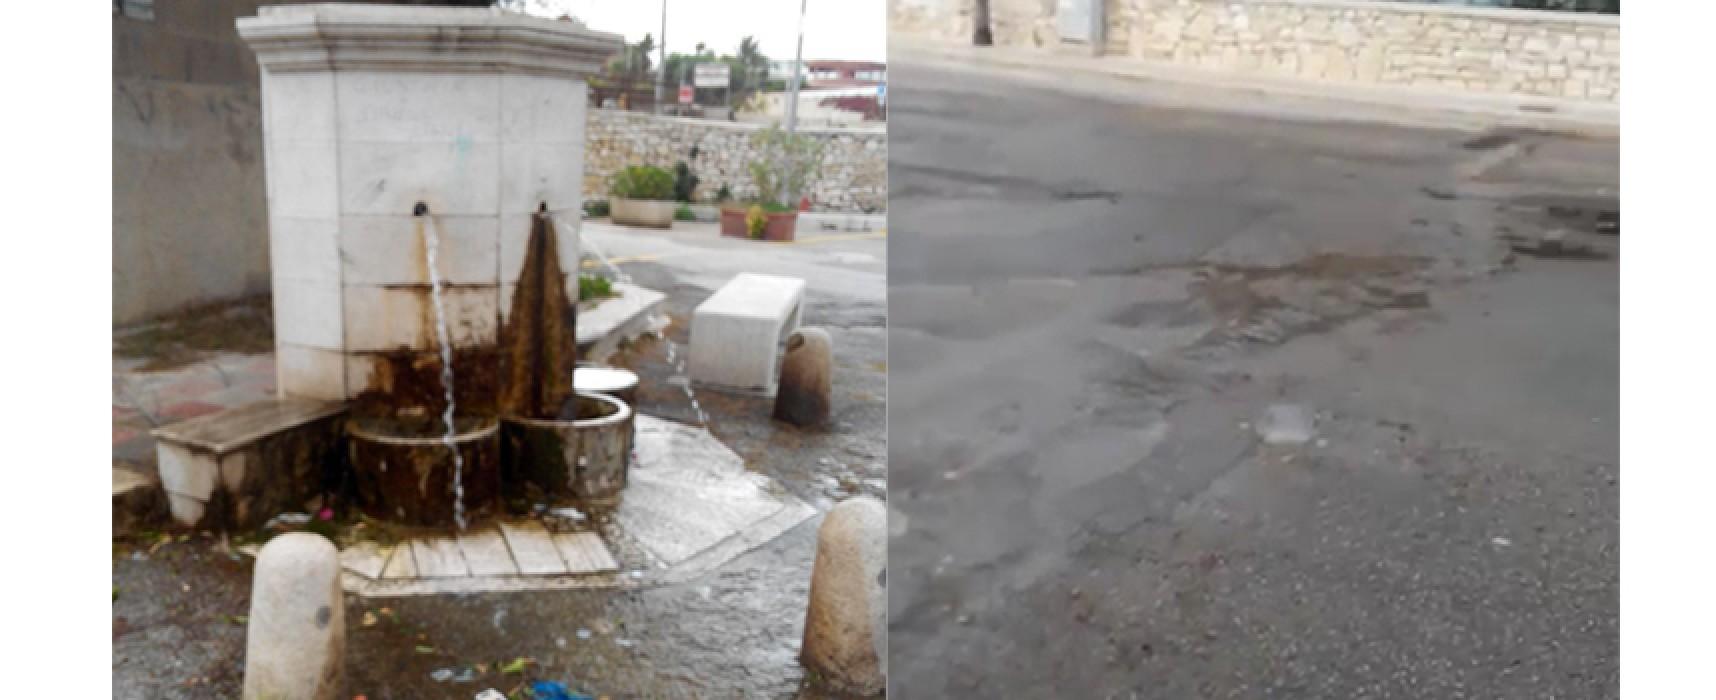 Rubinetti rubati alla fontana di Salsello e conseguente spreco di acqua pubblica